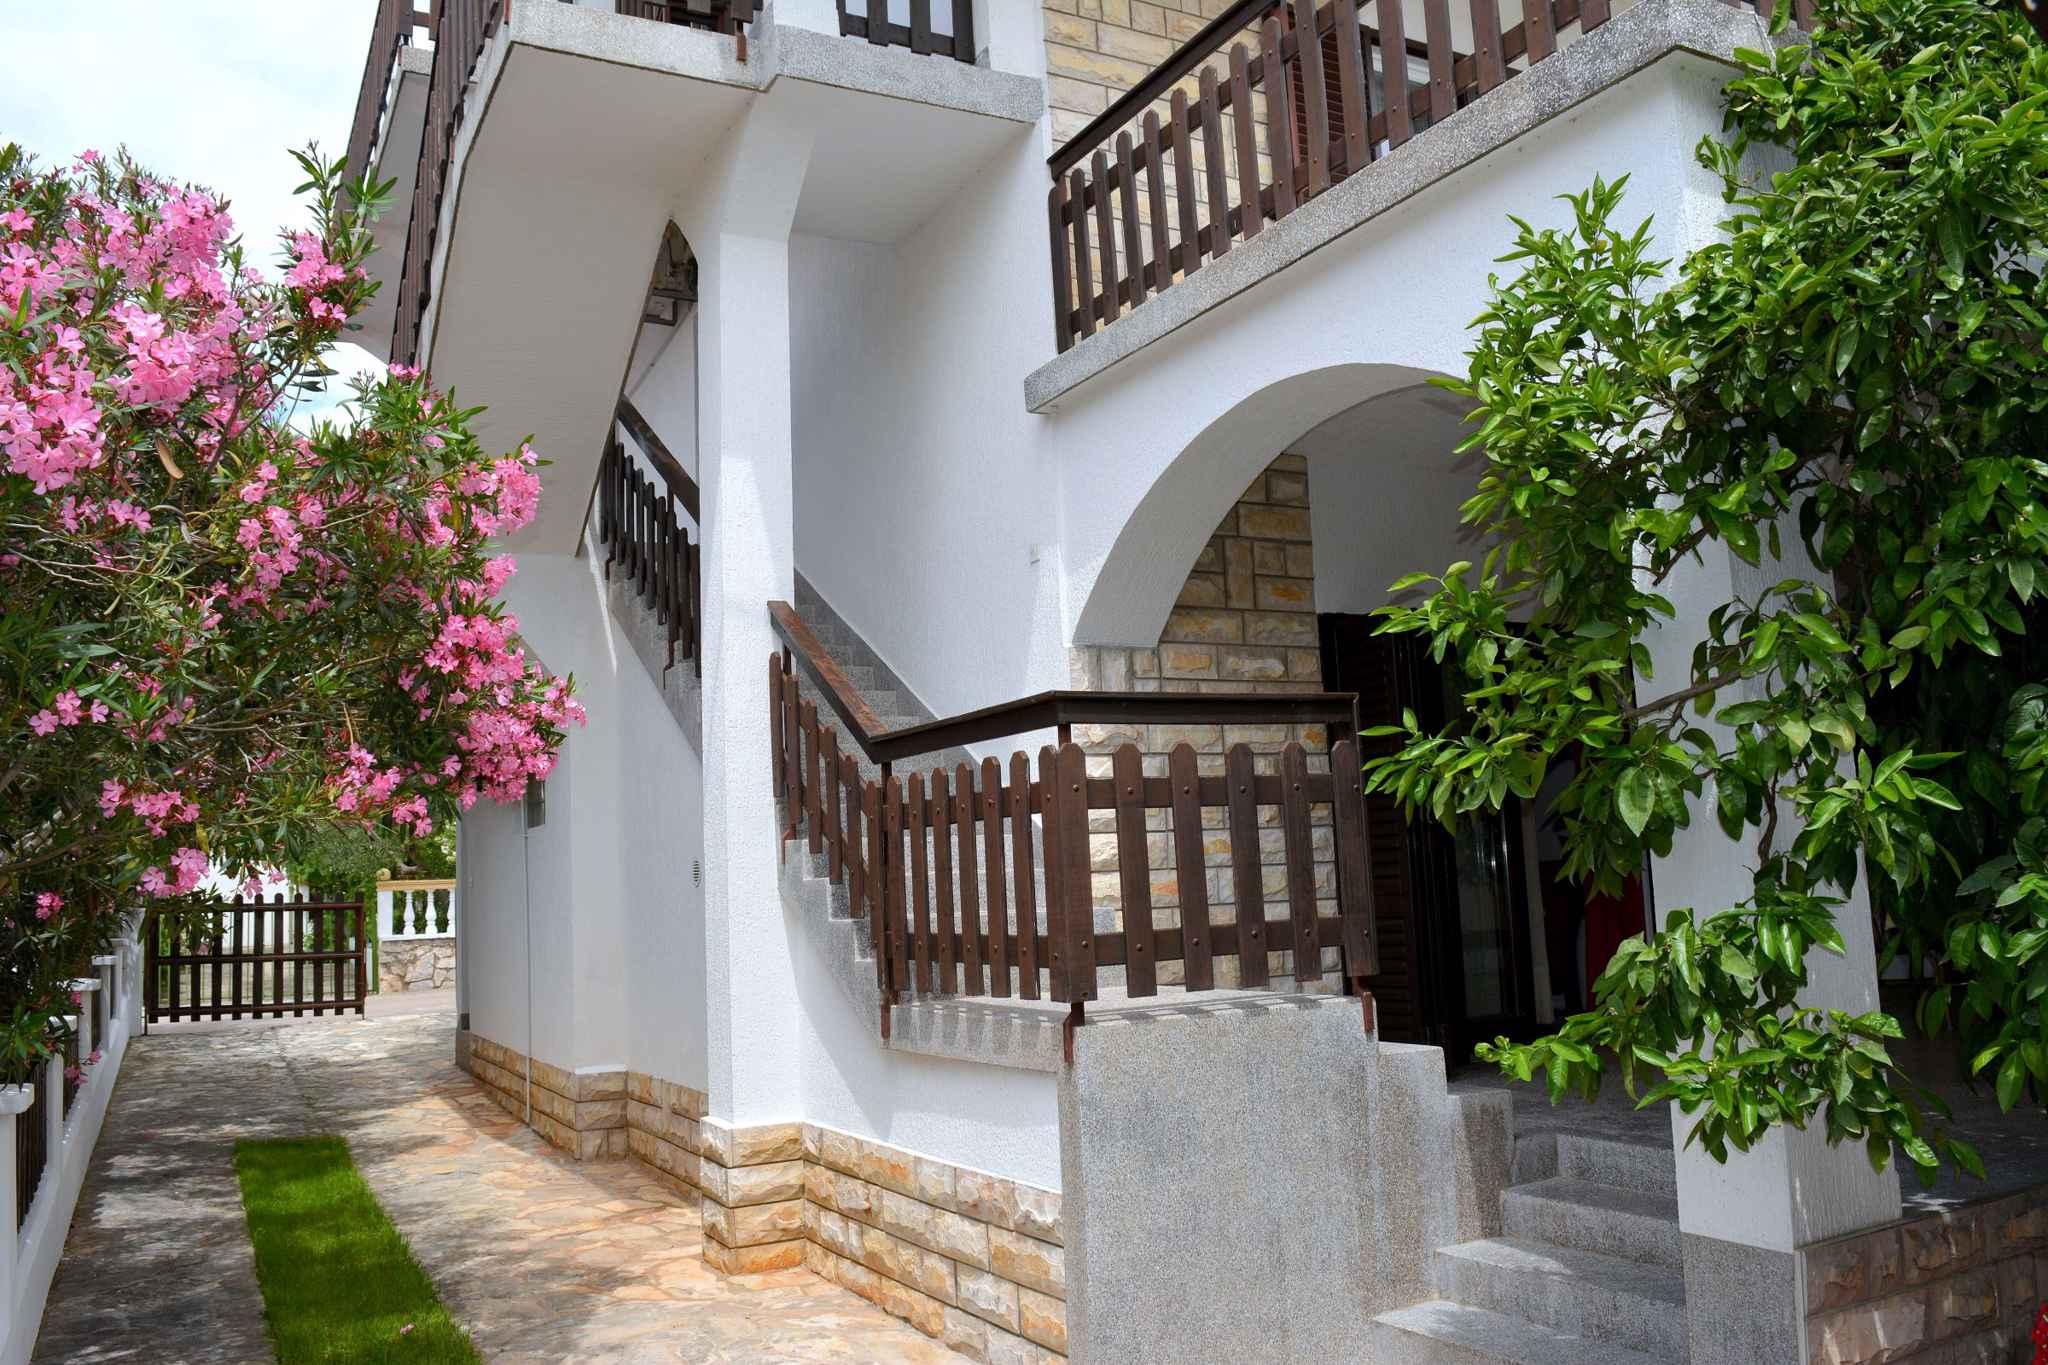 Ferienwohnung mit Balkon und nur 200 m bis zum Strand (278777), Vodice, , Dalmatien, Kroatien, Bild 3